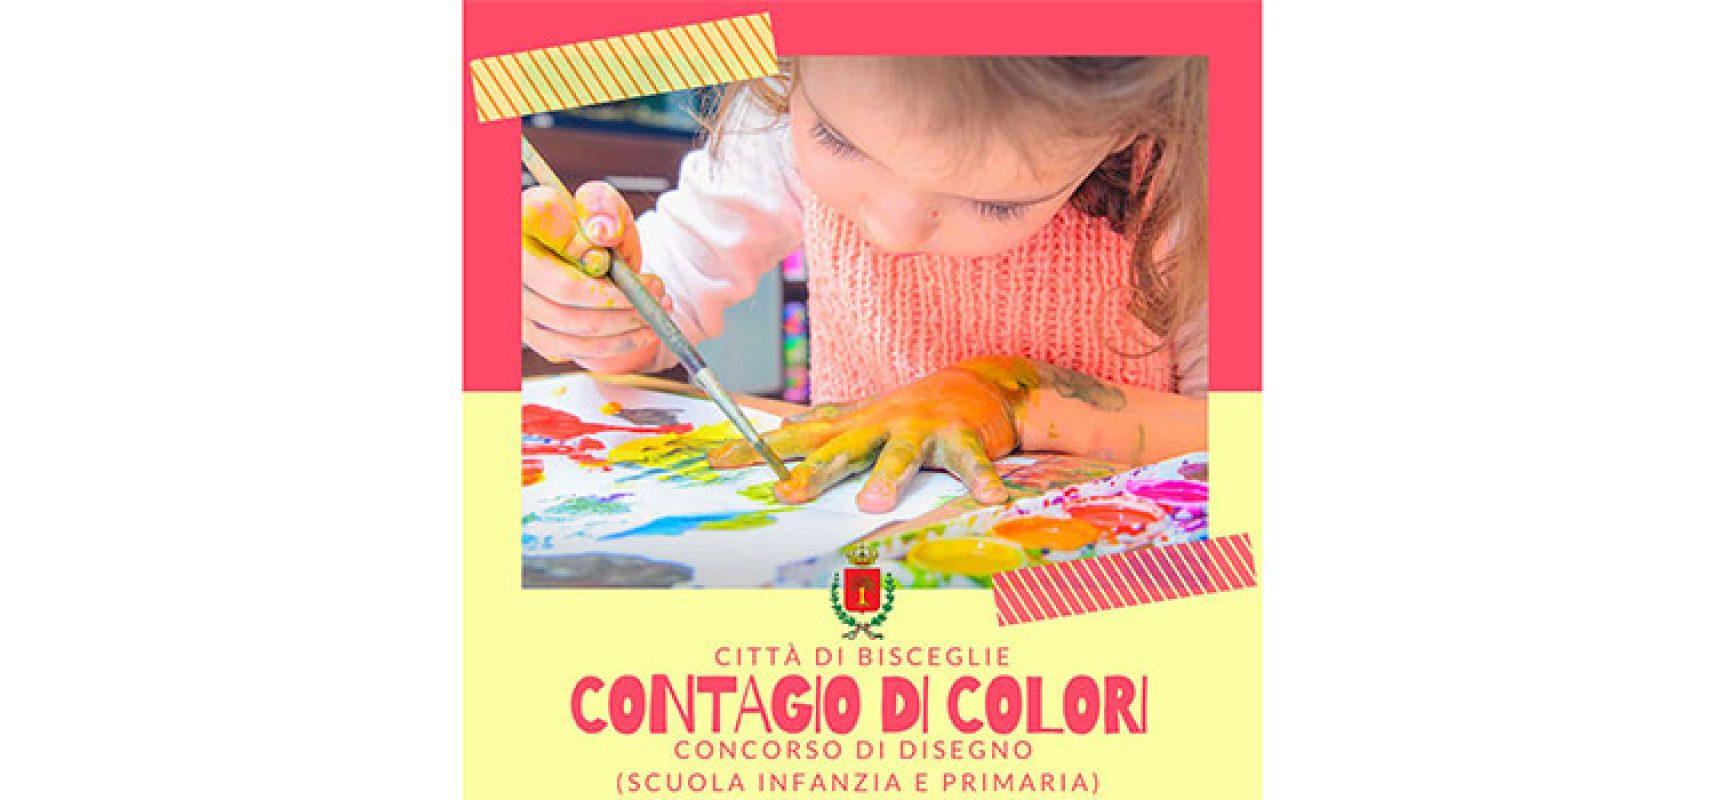 """Prorogato al 31 maggio il concorso per bambini """"Contagio di colori"""""""